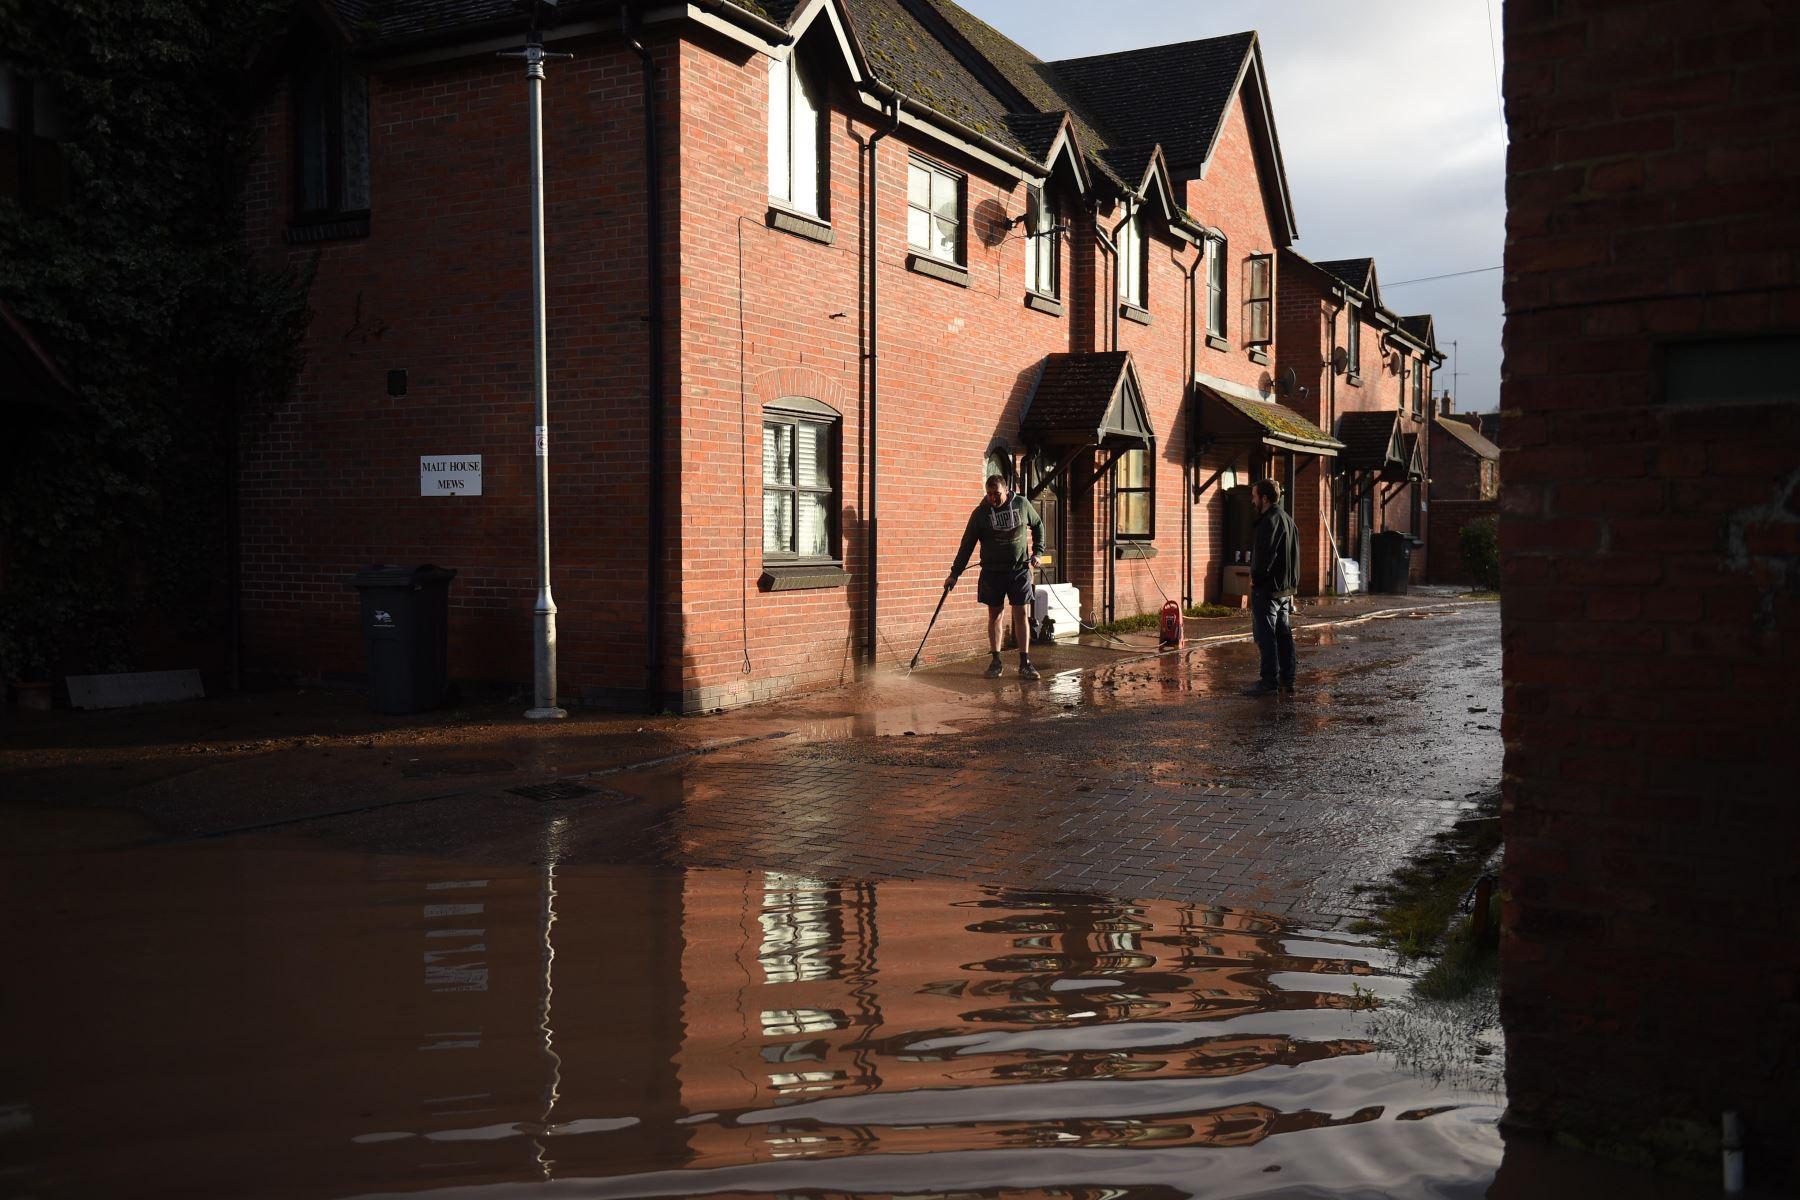 """Hay cientos de alertas por inundaciones todavía activas, en especial en el sur de Gales, cinco de ellas con categoría """"grave"""" en el oeste de Inglaterra. Foto: AFP"""